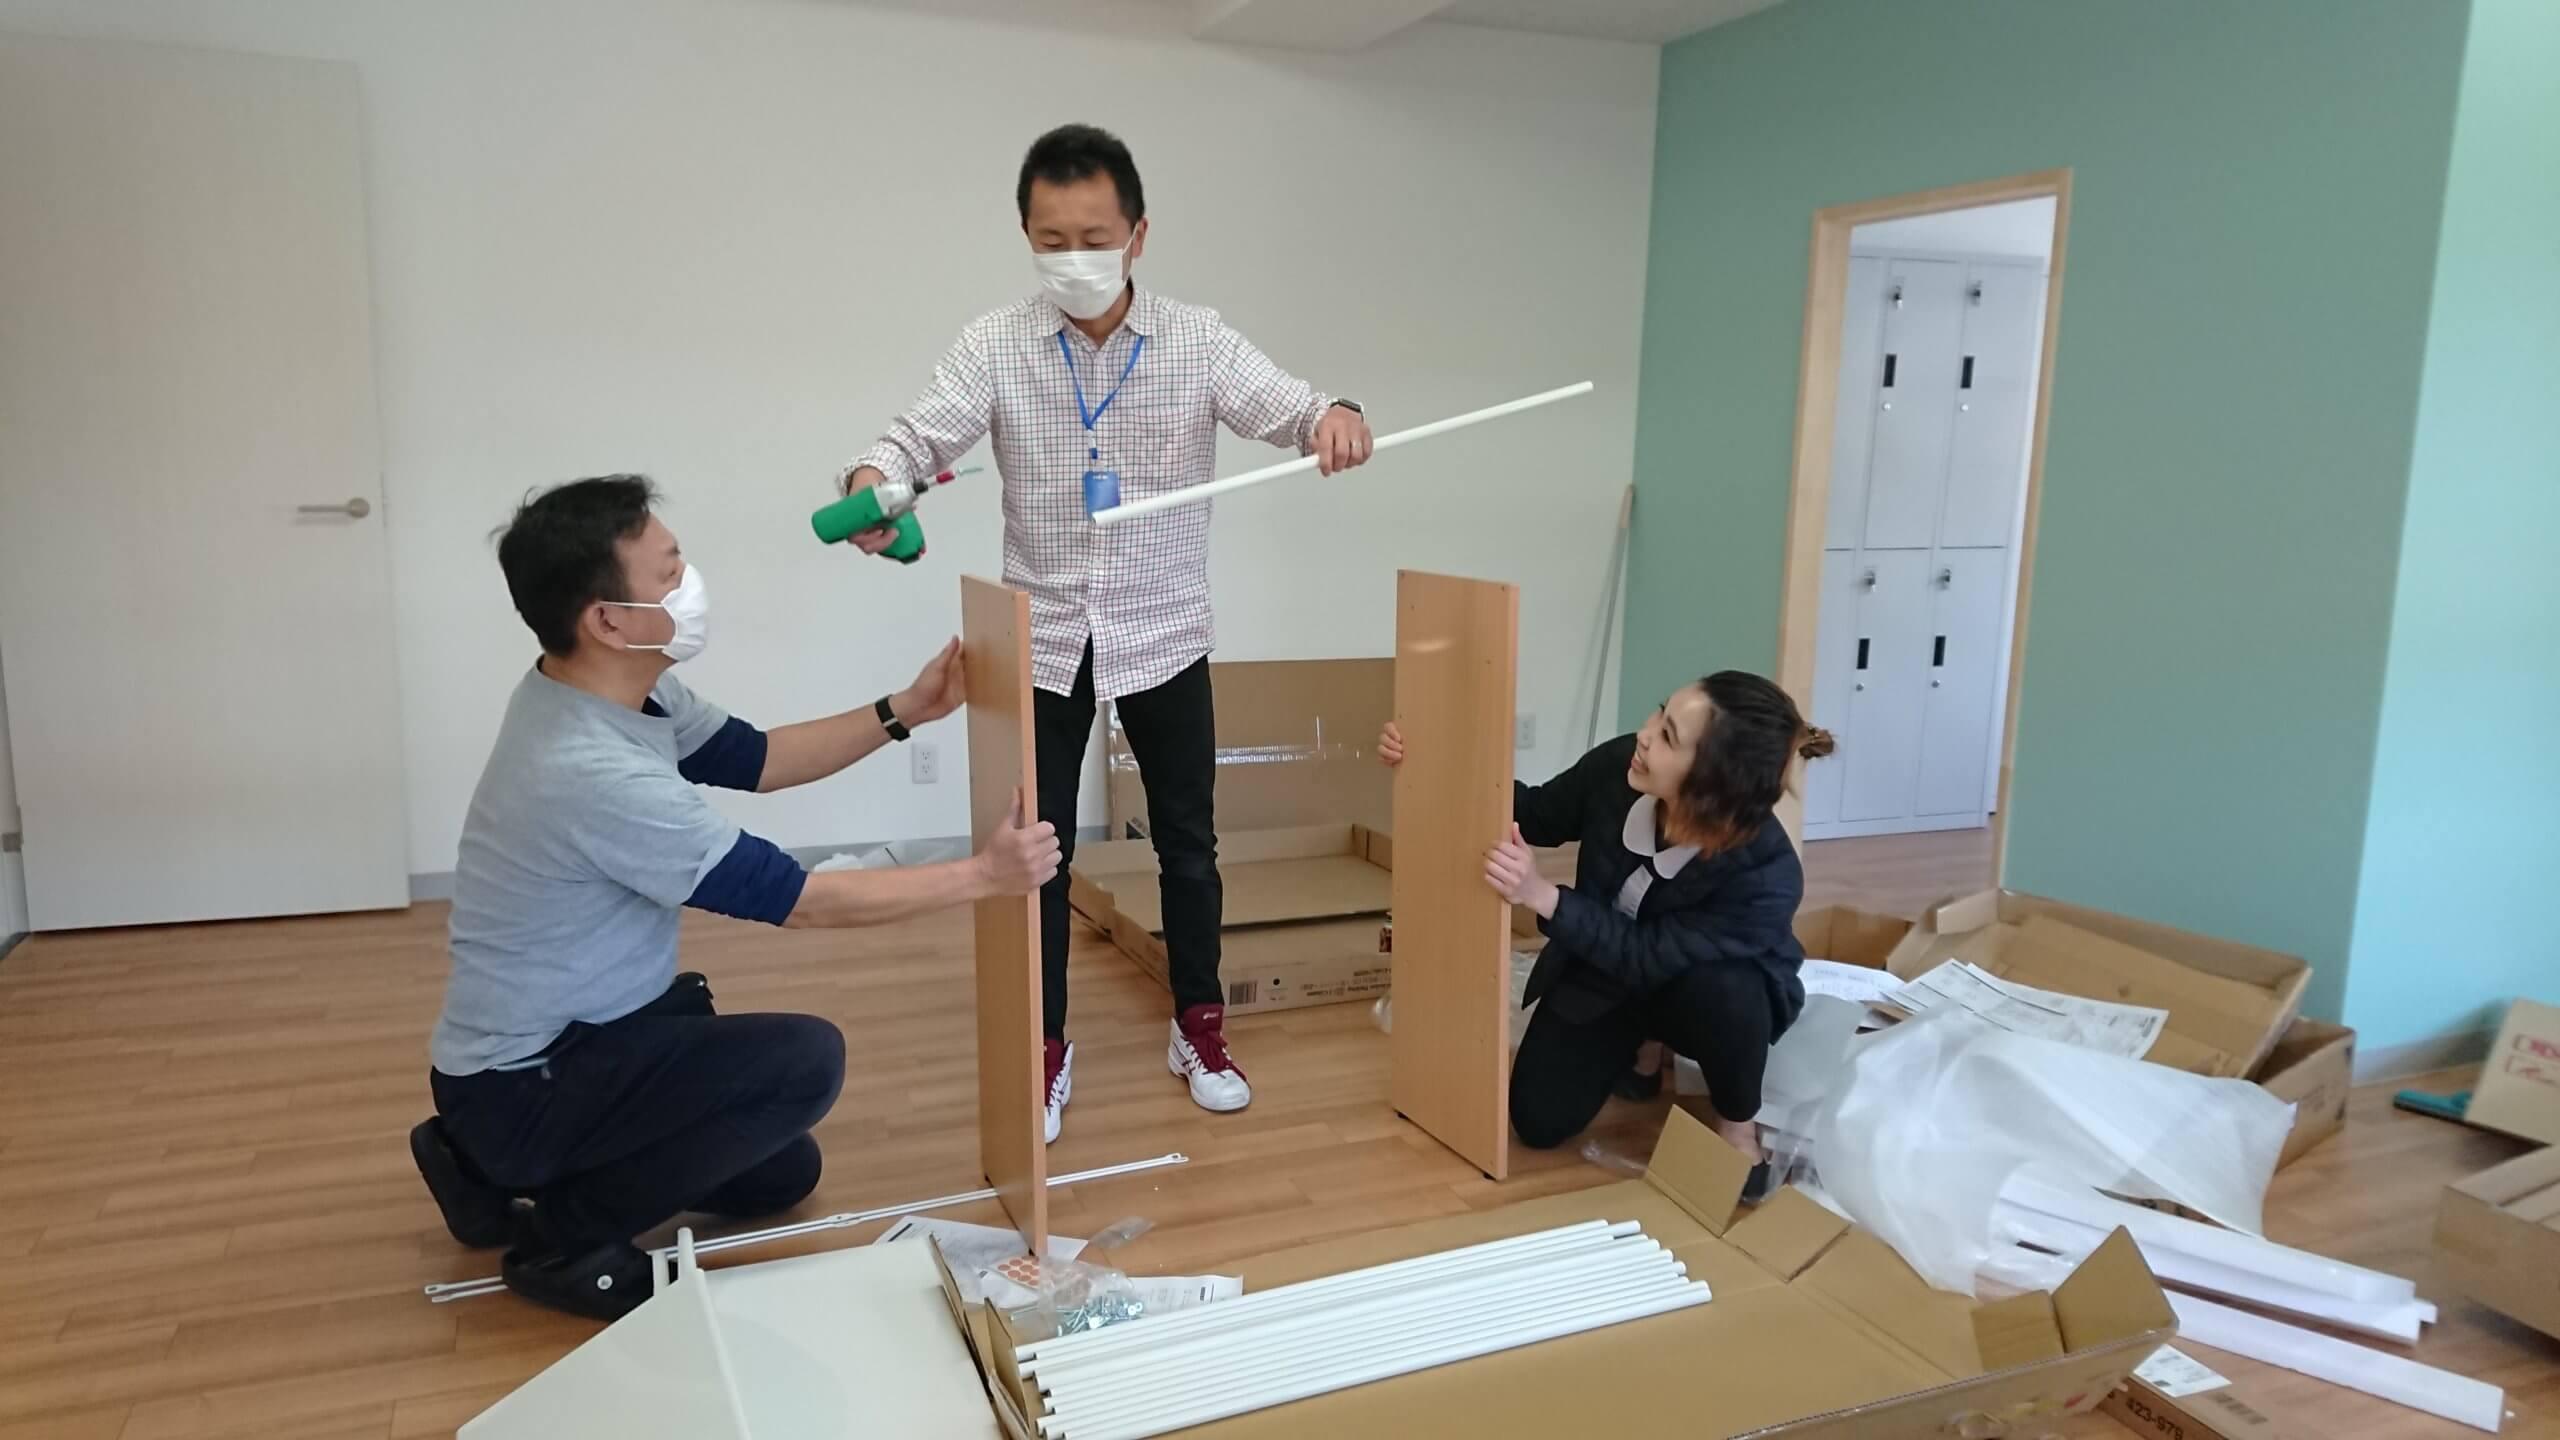 協力して家具を組み立てる男女スタッフ